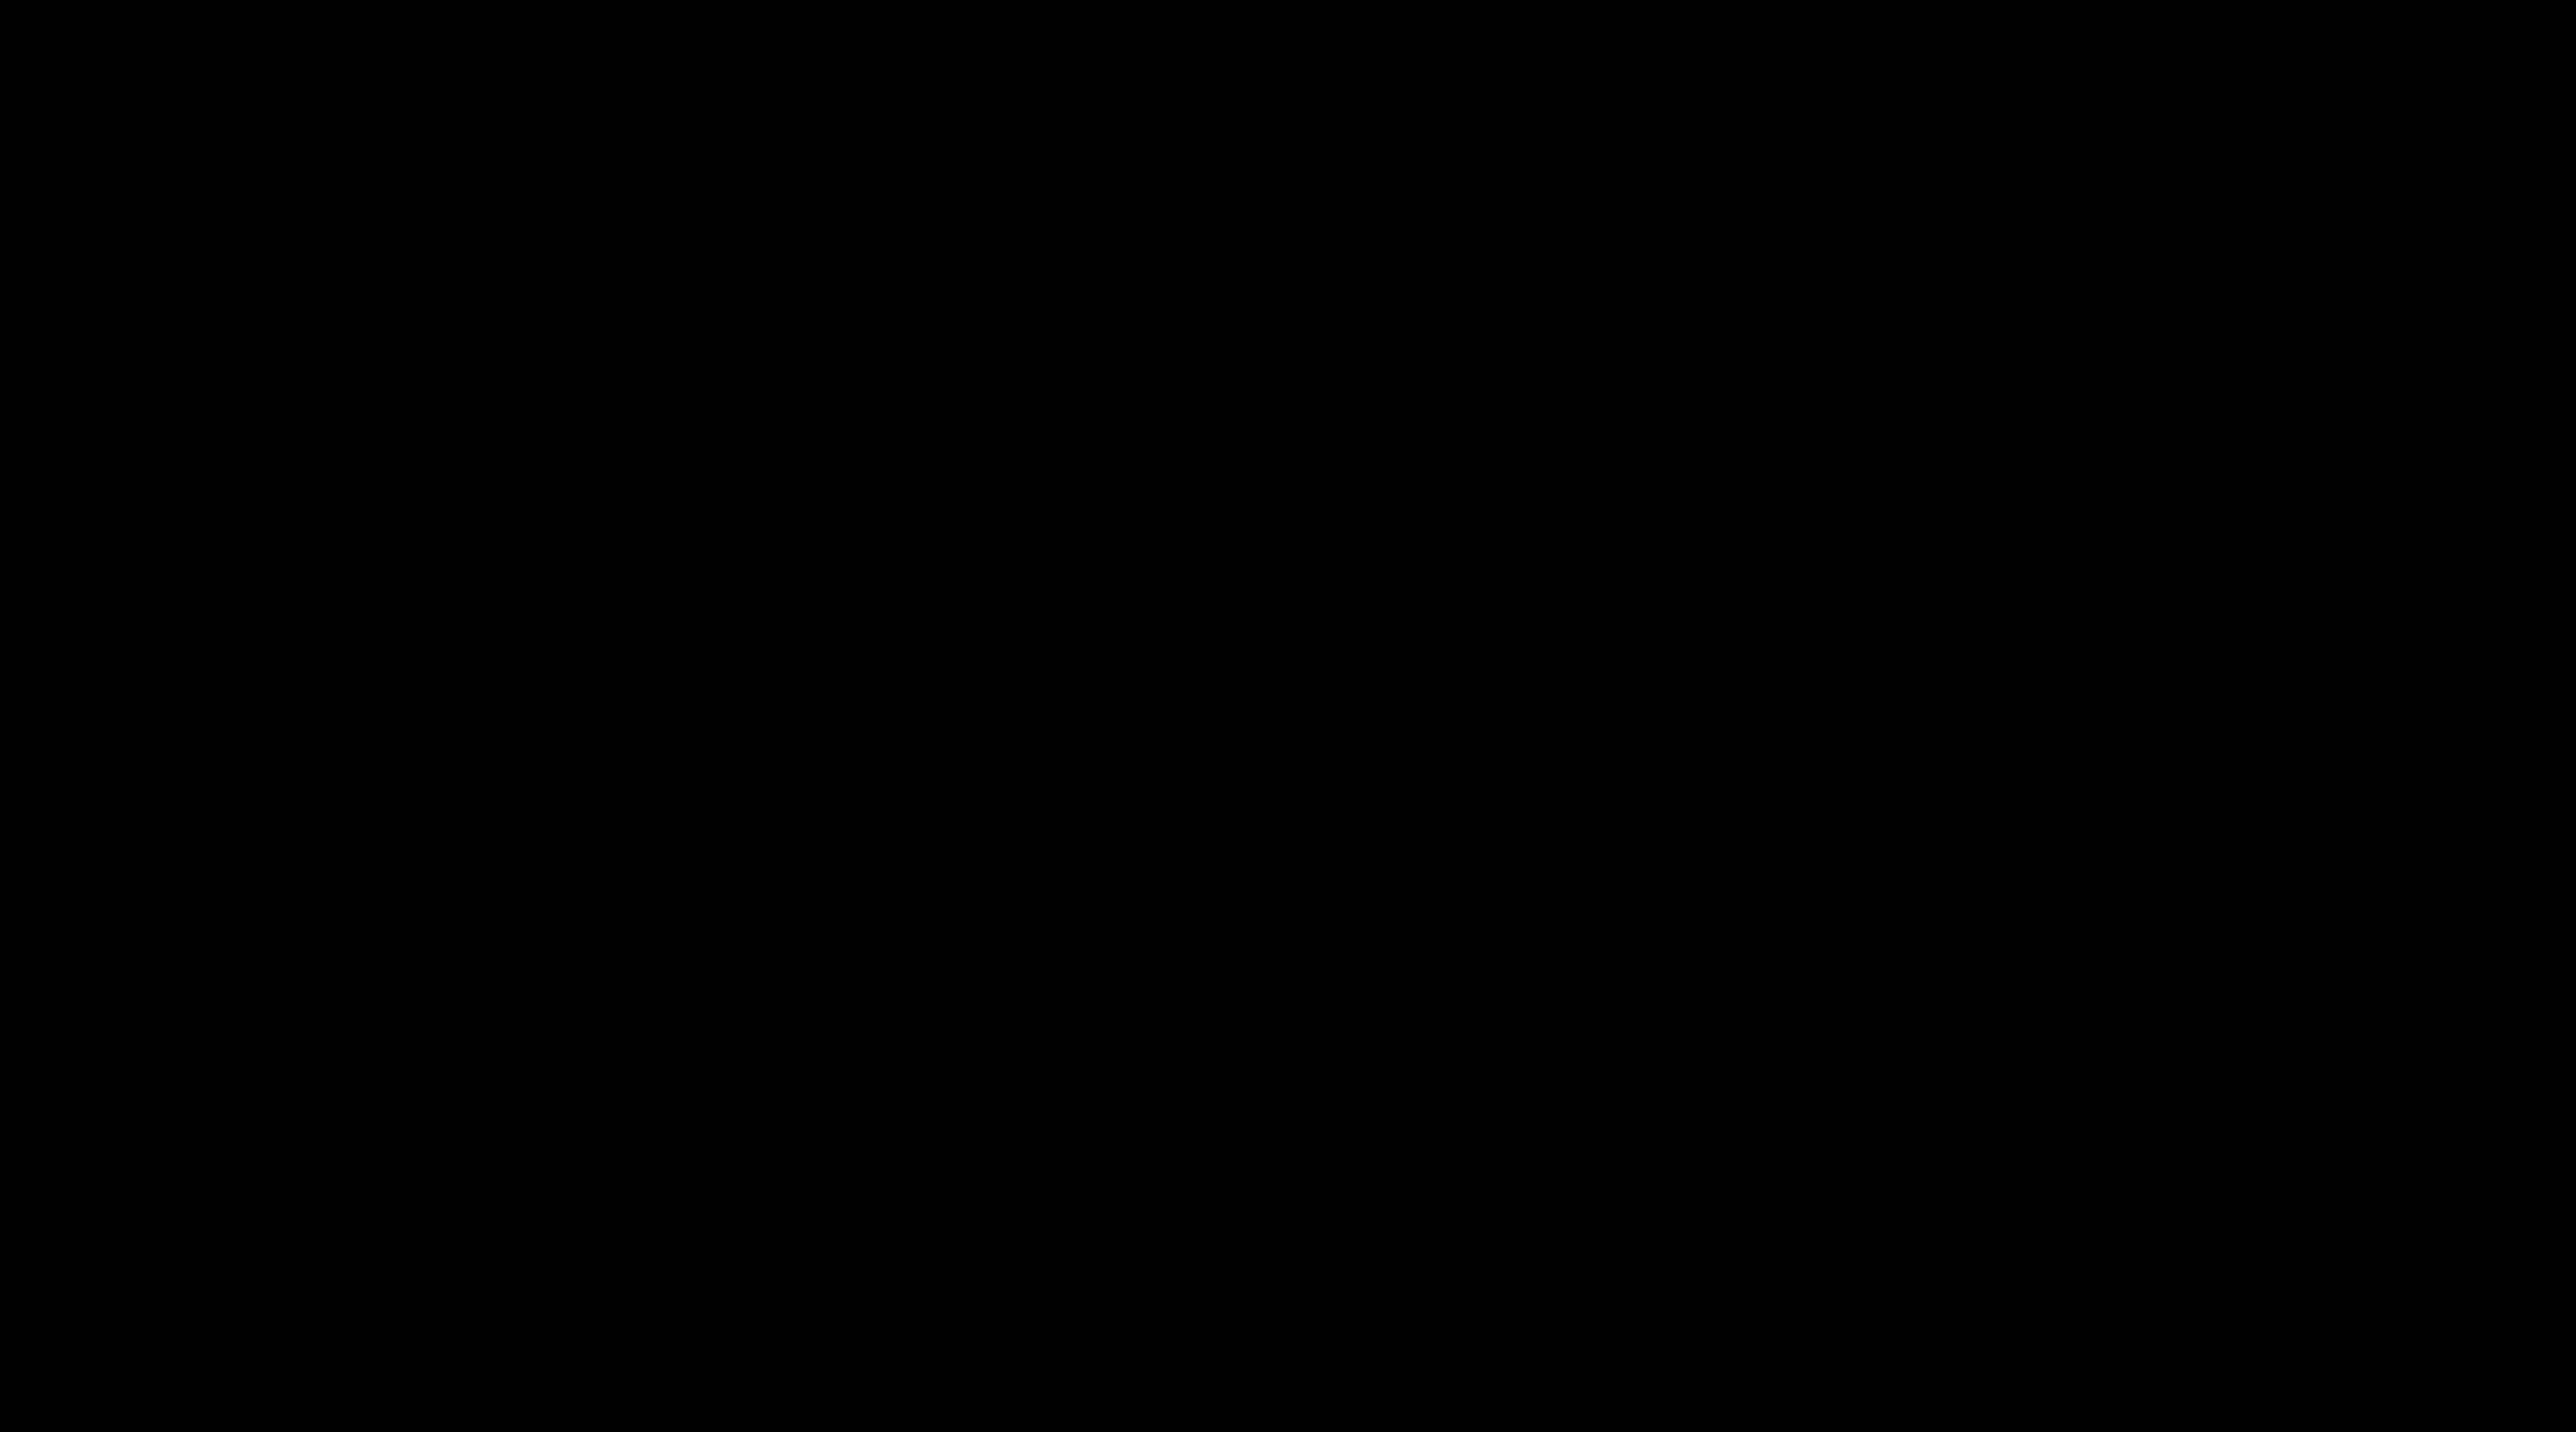 php-logo-20746